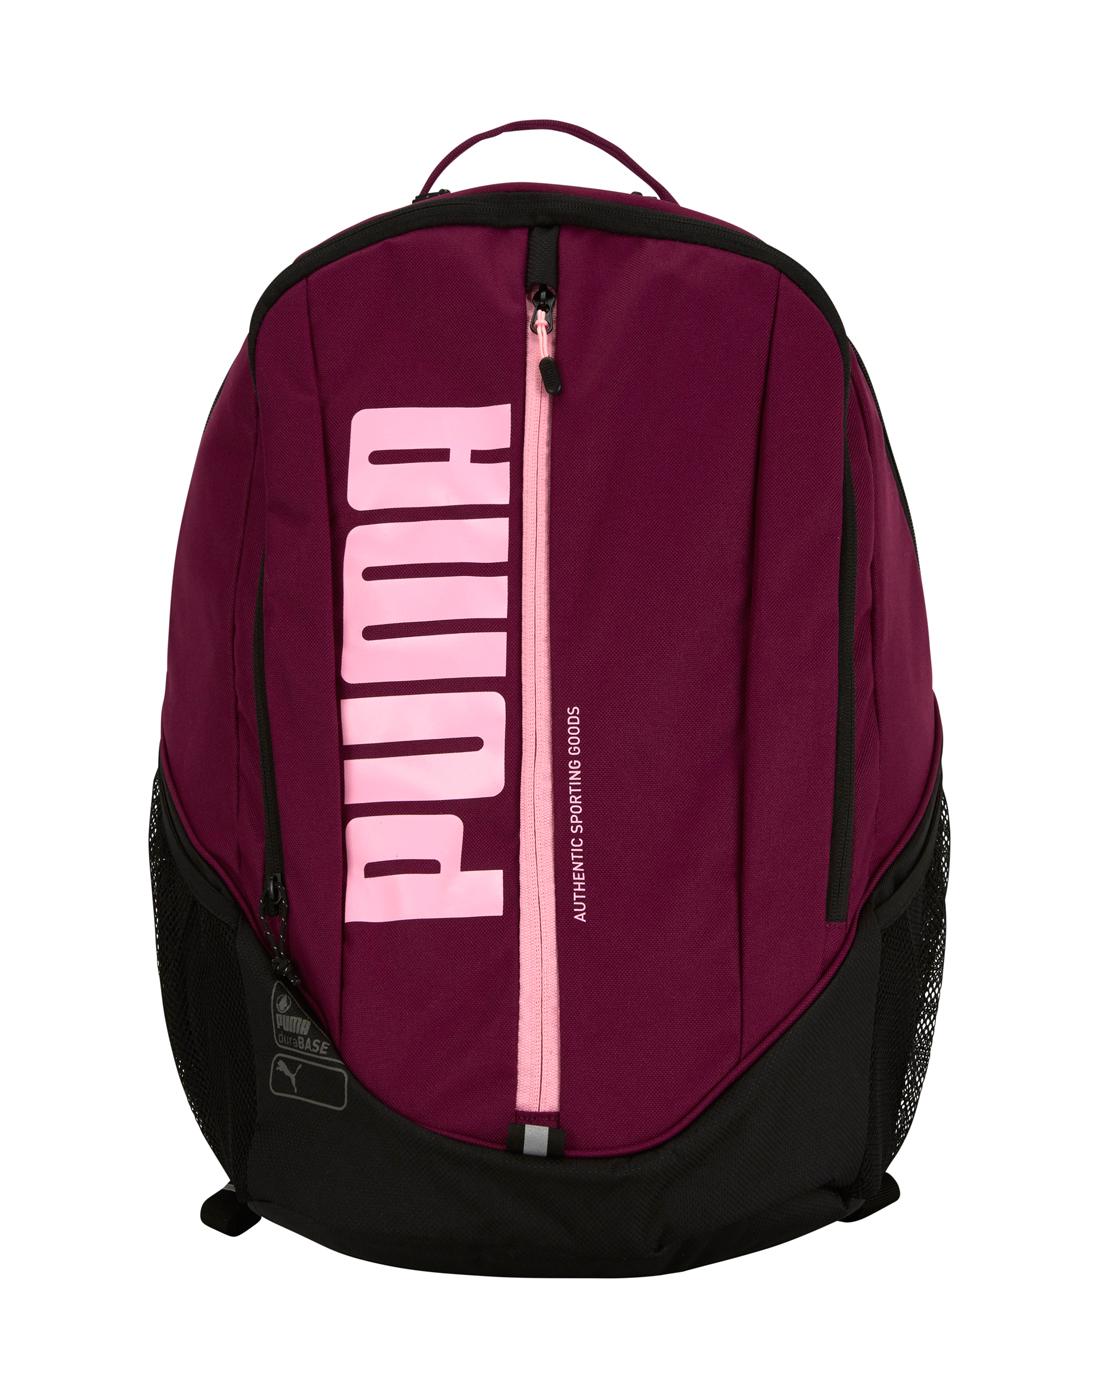 Puma Deck Backpack  8bc9e36569420